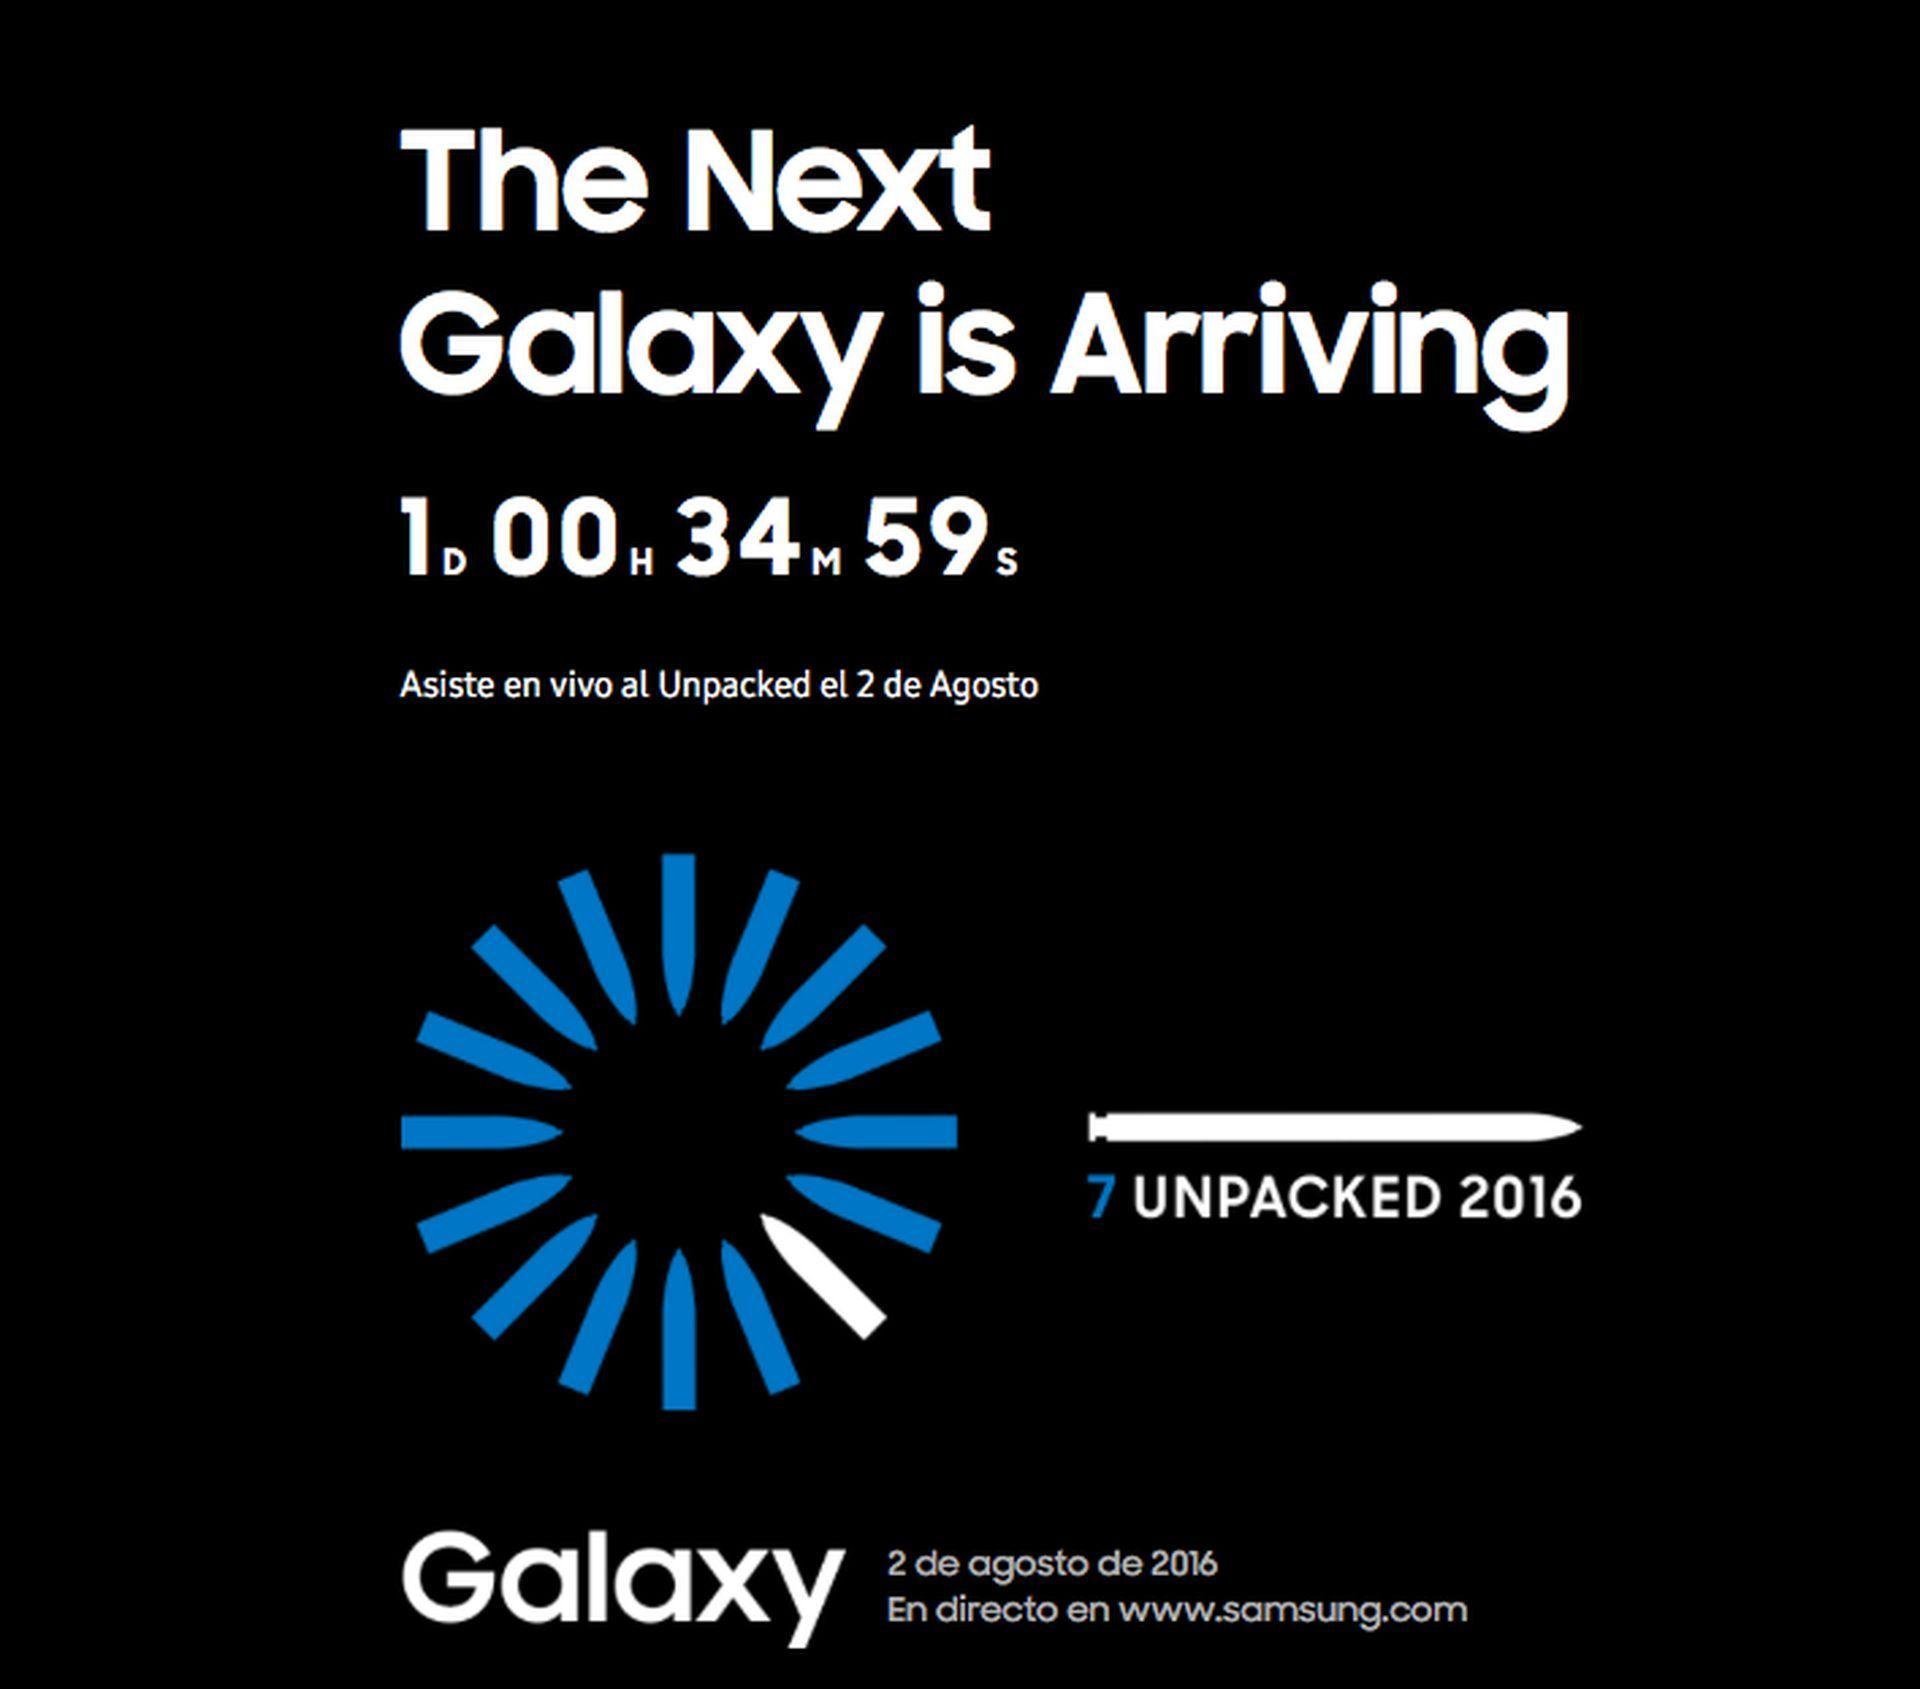 Samsung Galaxy Note 7 Unpacked 2016 en directo desde donde tu quieras - http://www.androidsis.com/samsung-galaxy-note-7-unpacked-2016/